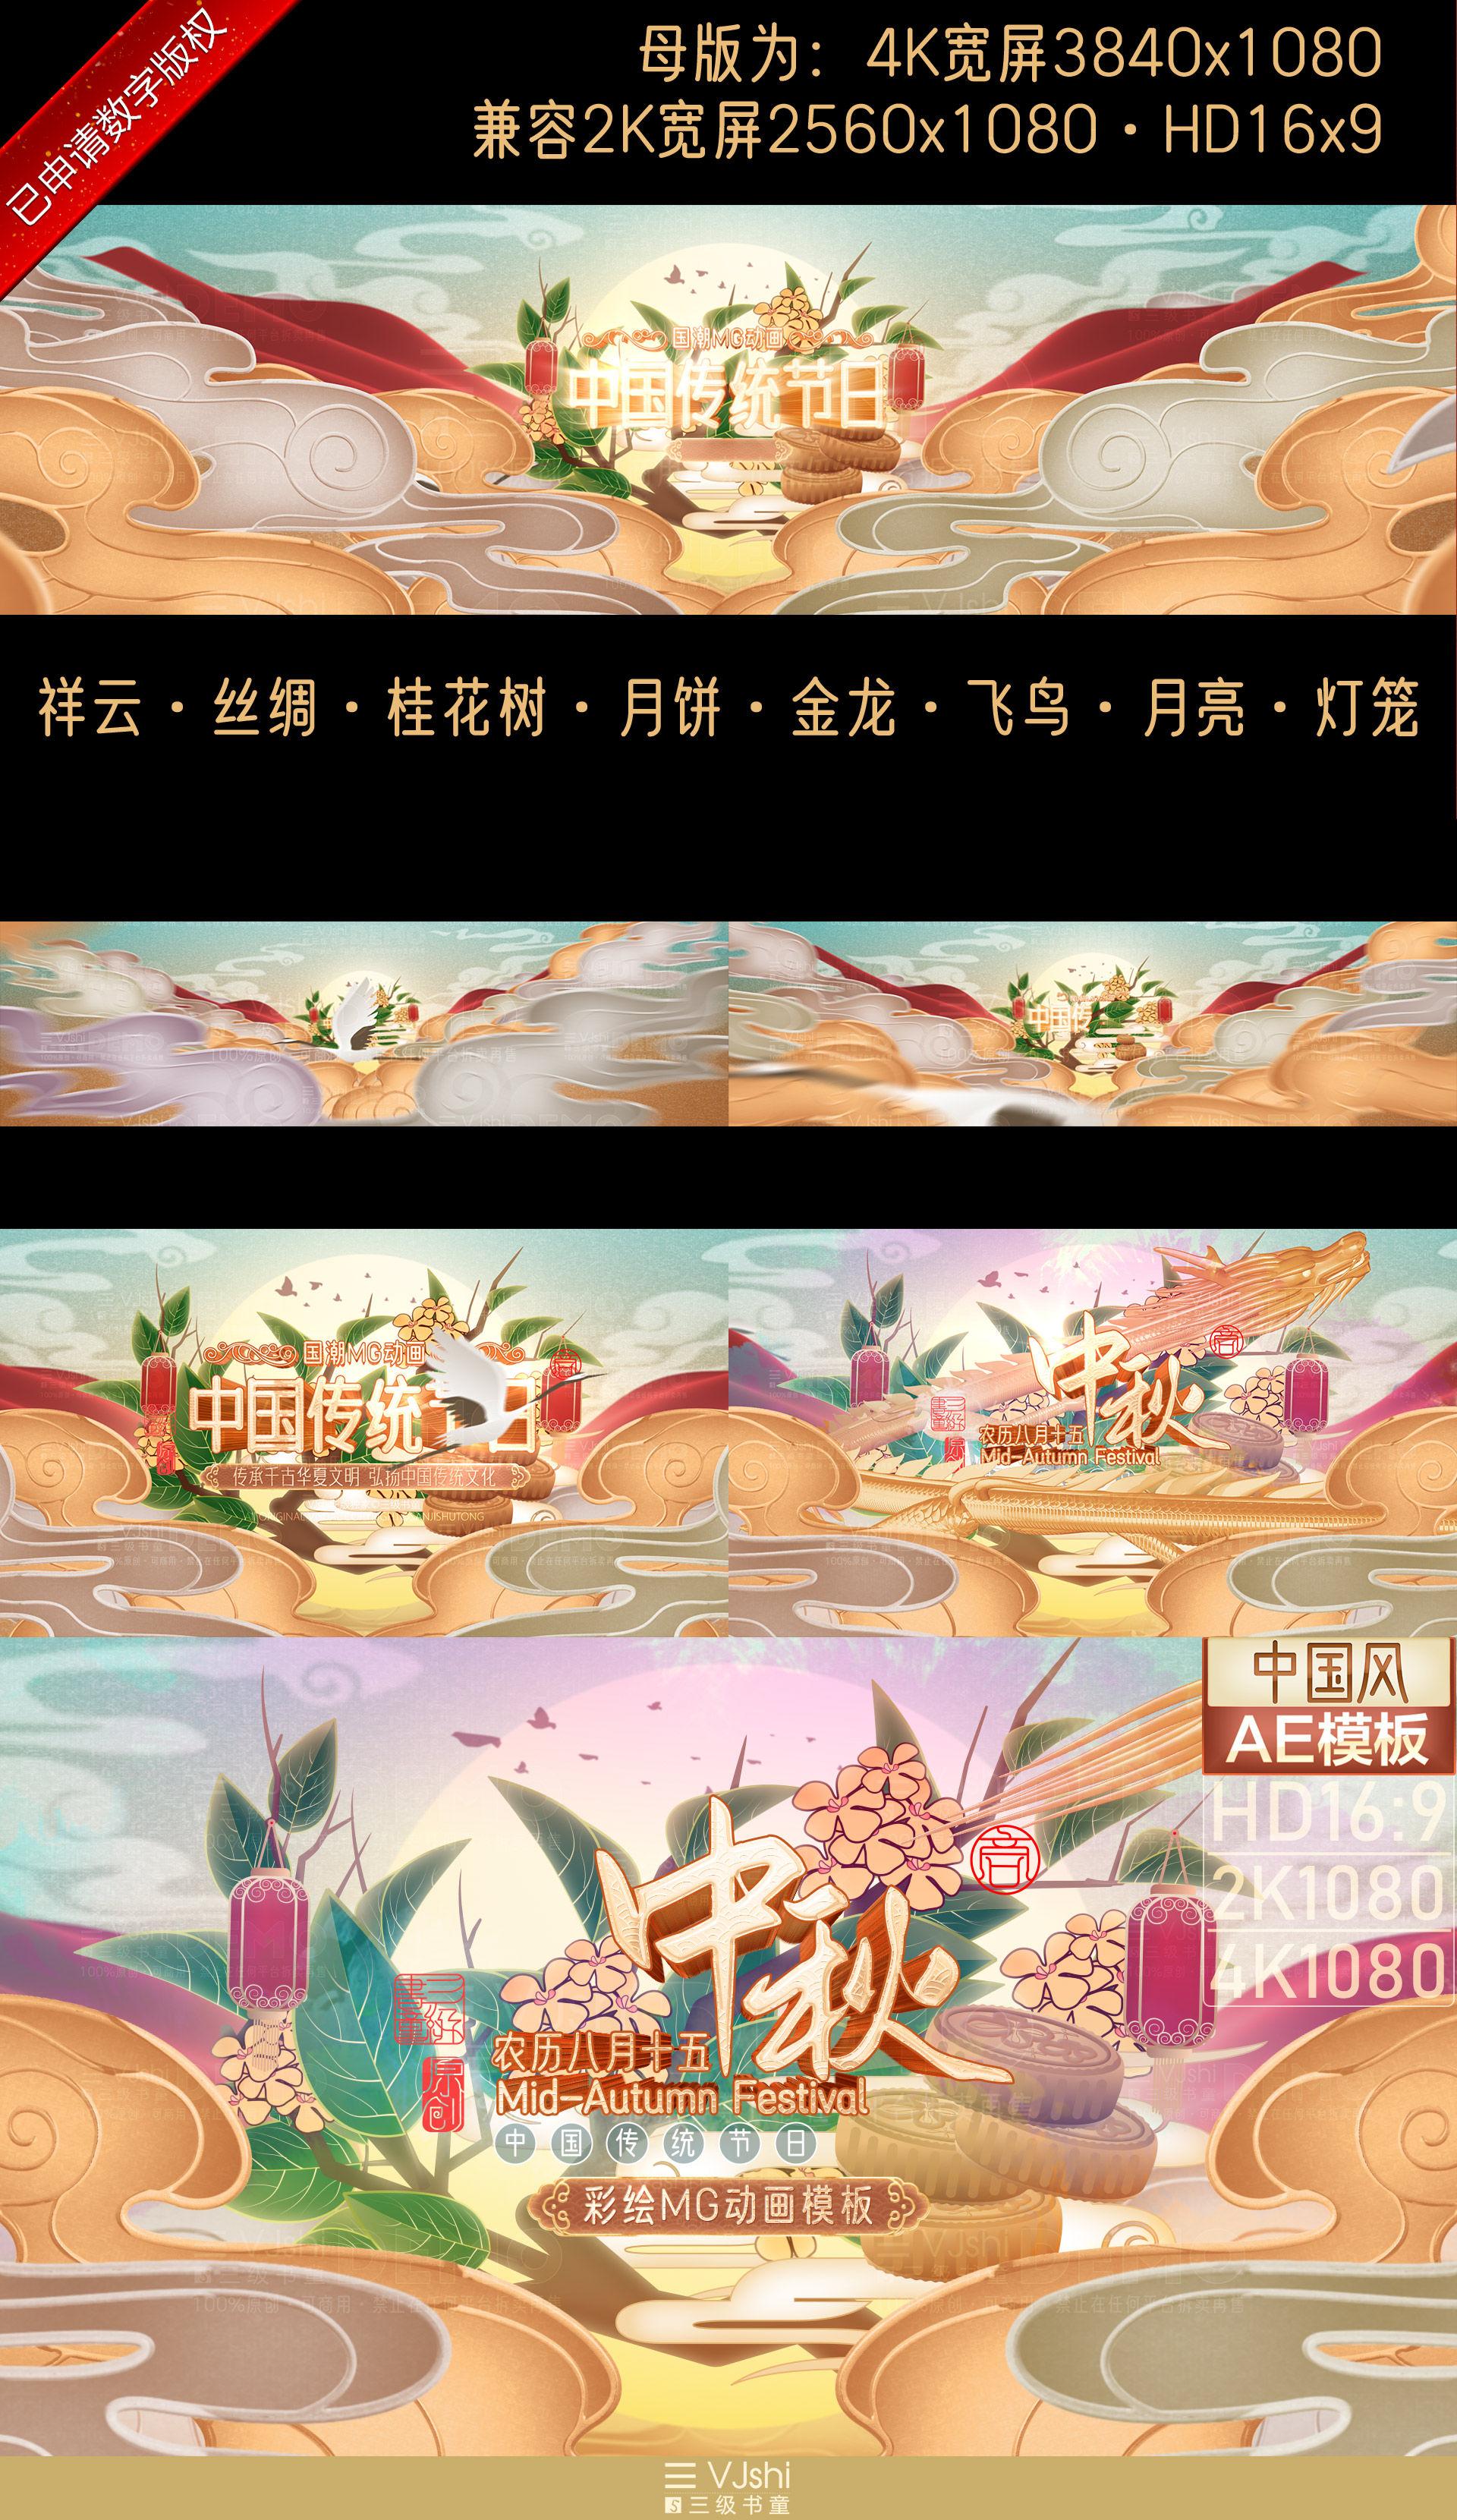 中秋节片头4K超宽多尺寸古风模板_简洁版